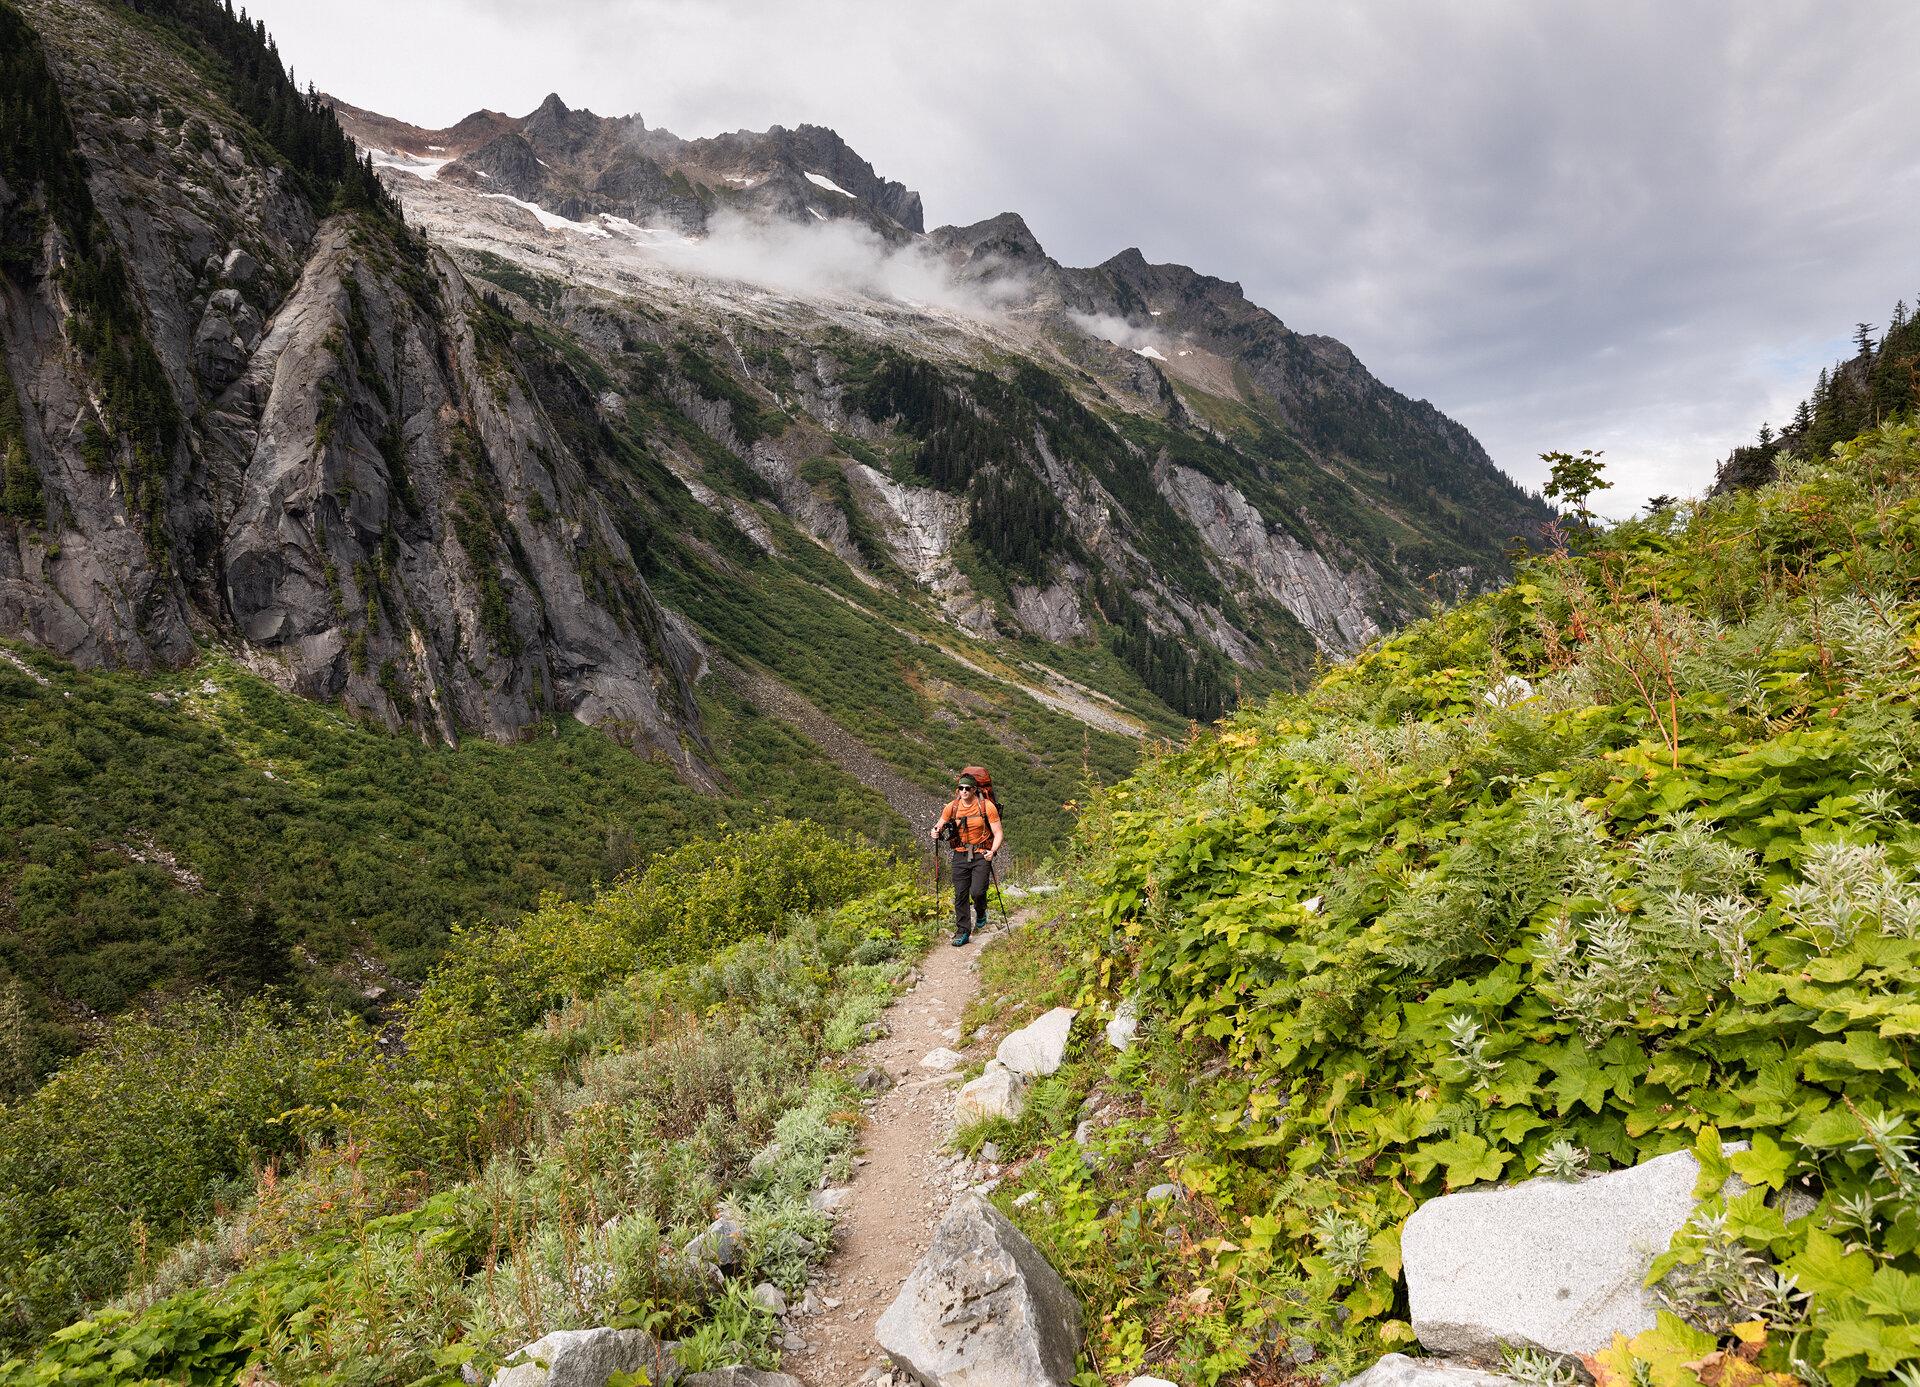 Alex hiking up from Hannegan Trailhead